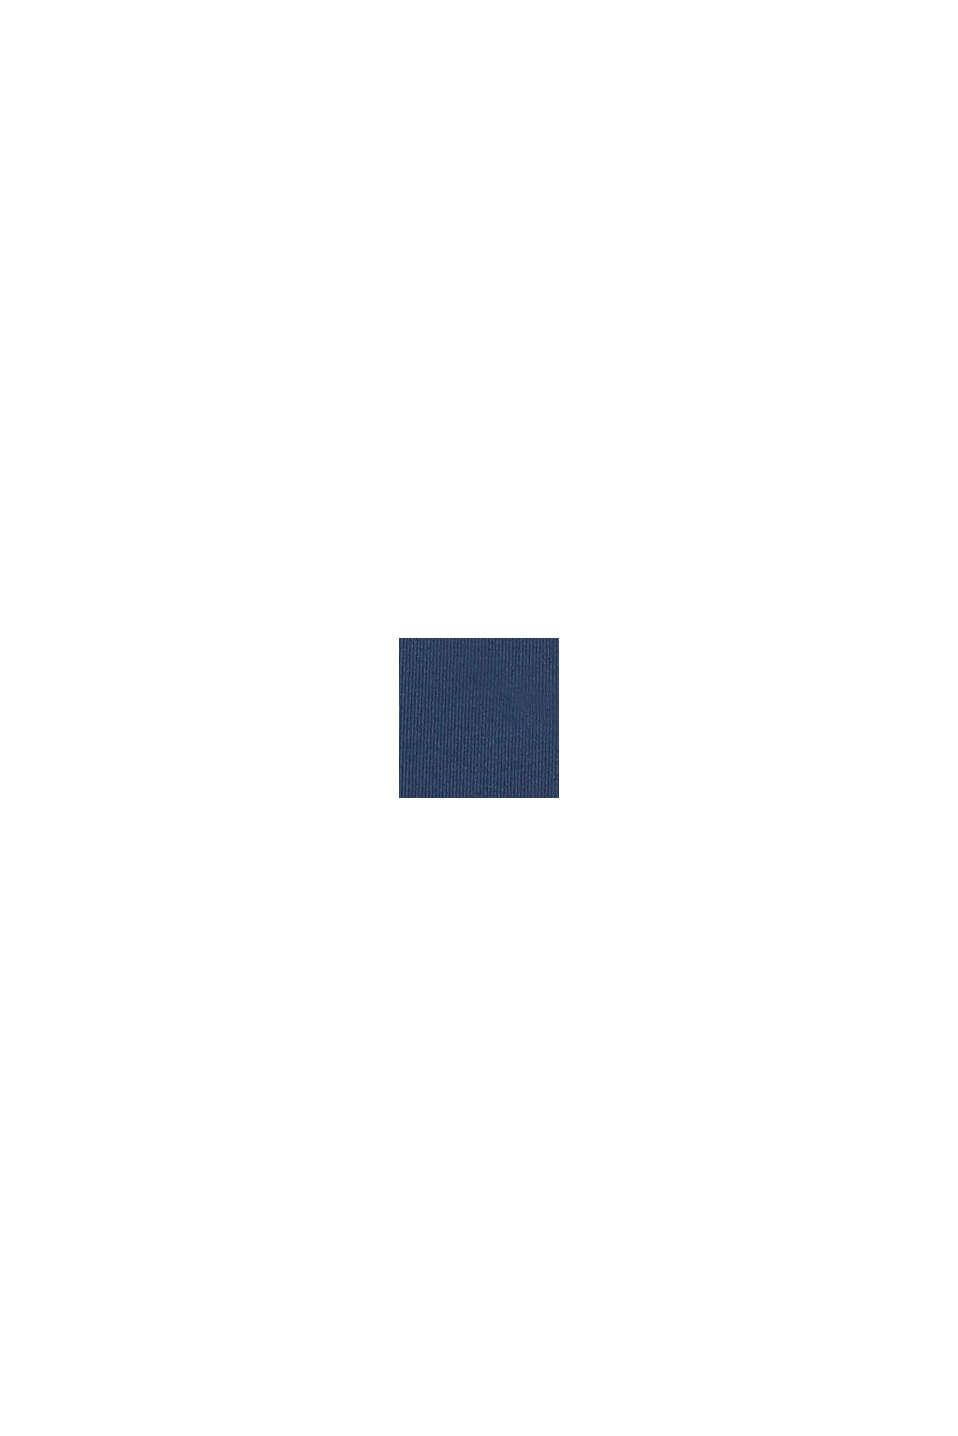 Maillot une pièce à armatures invisibles, DARK BLUE, swatch